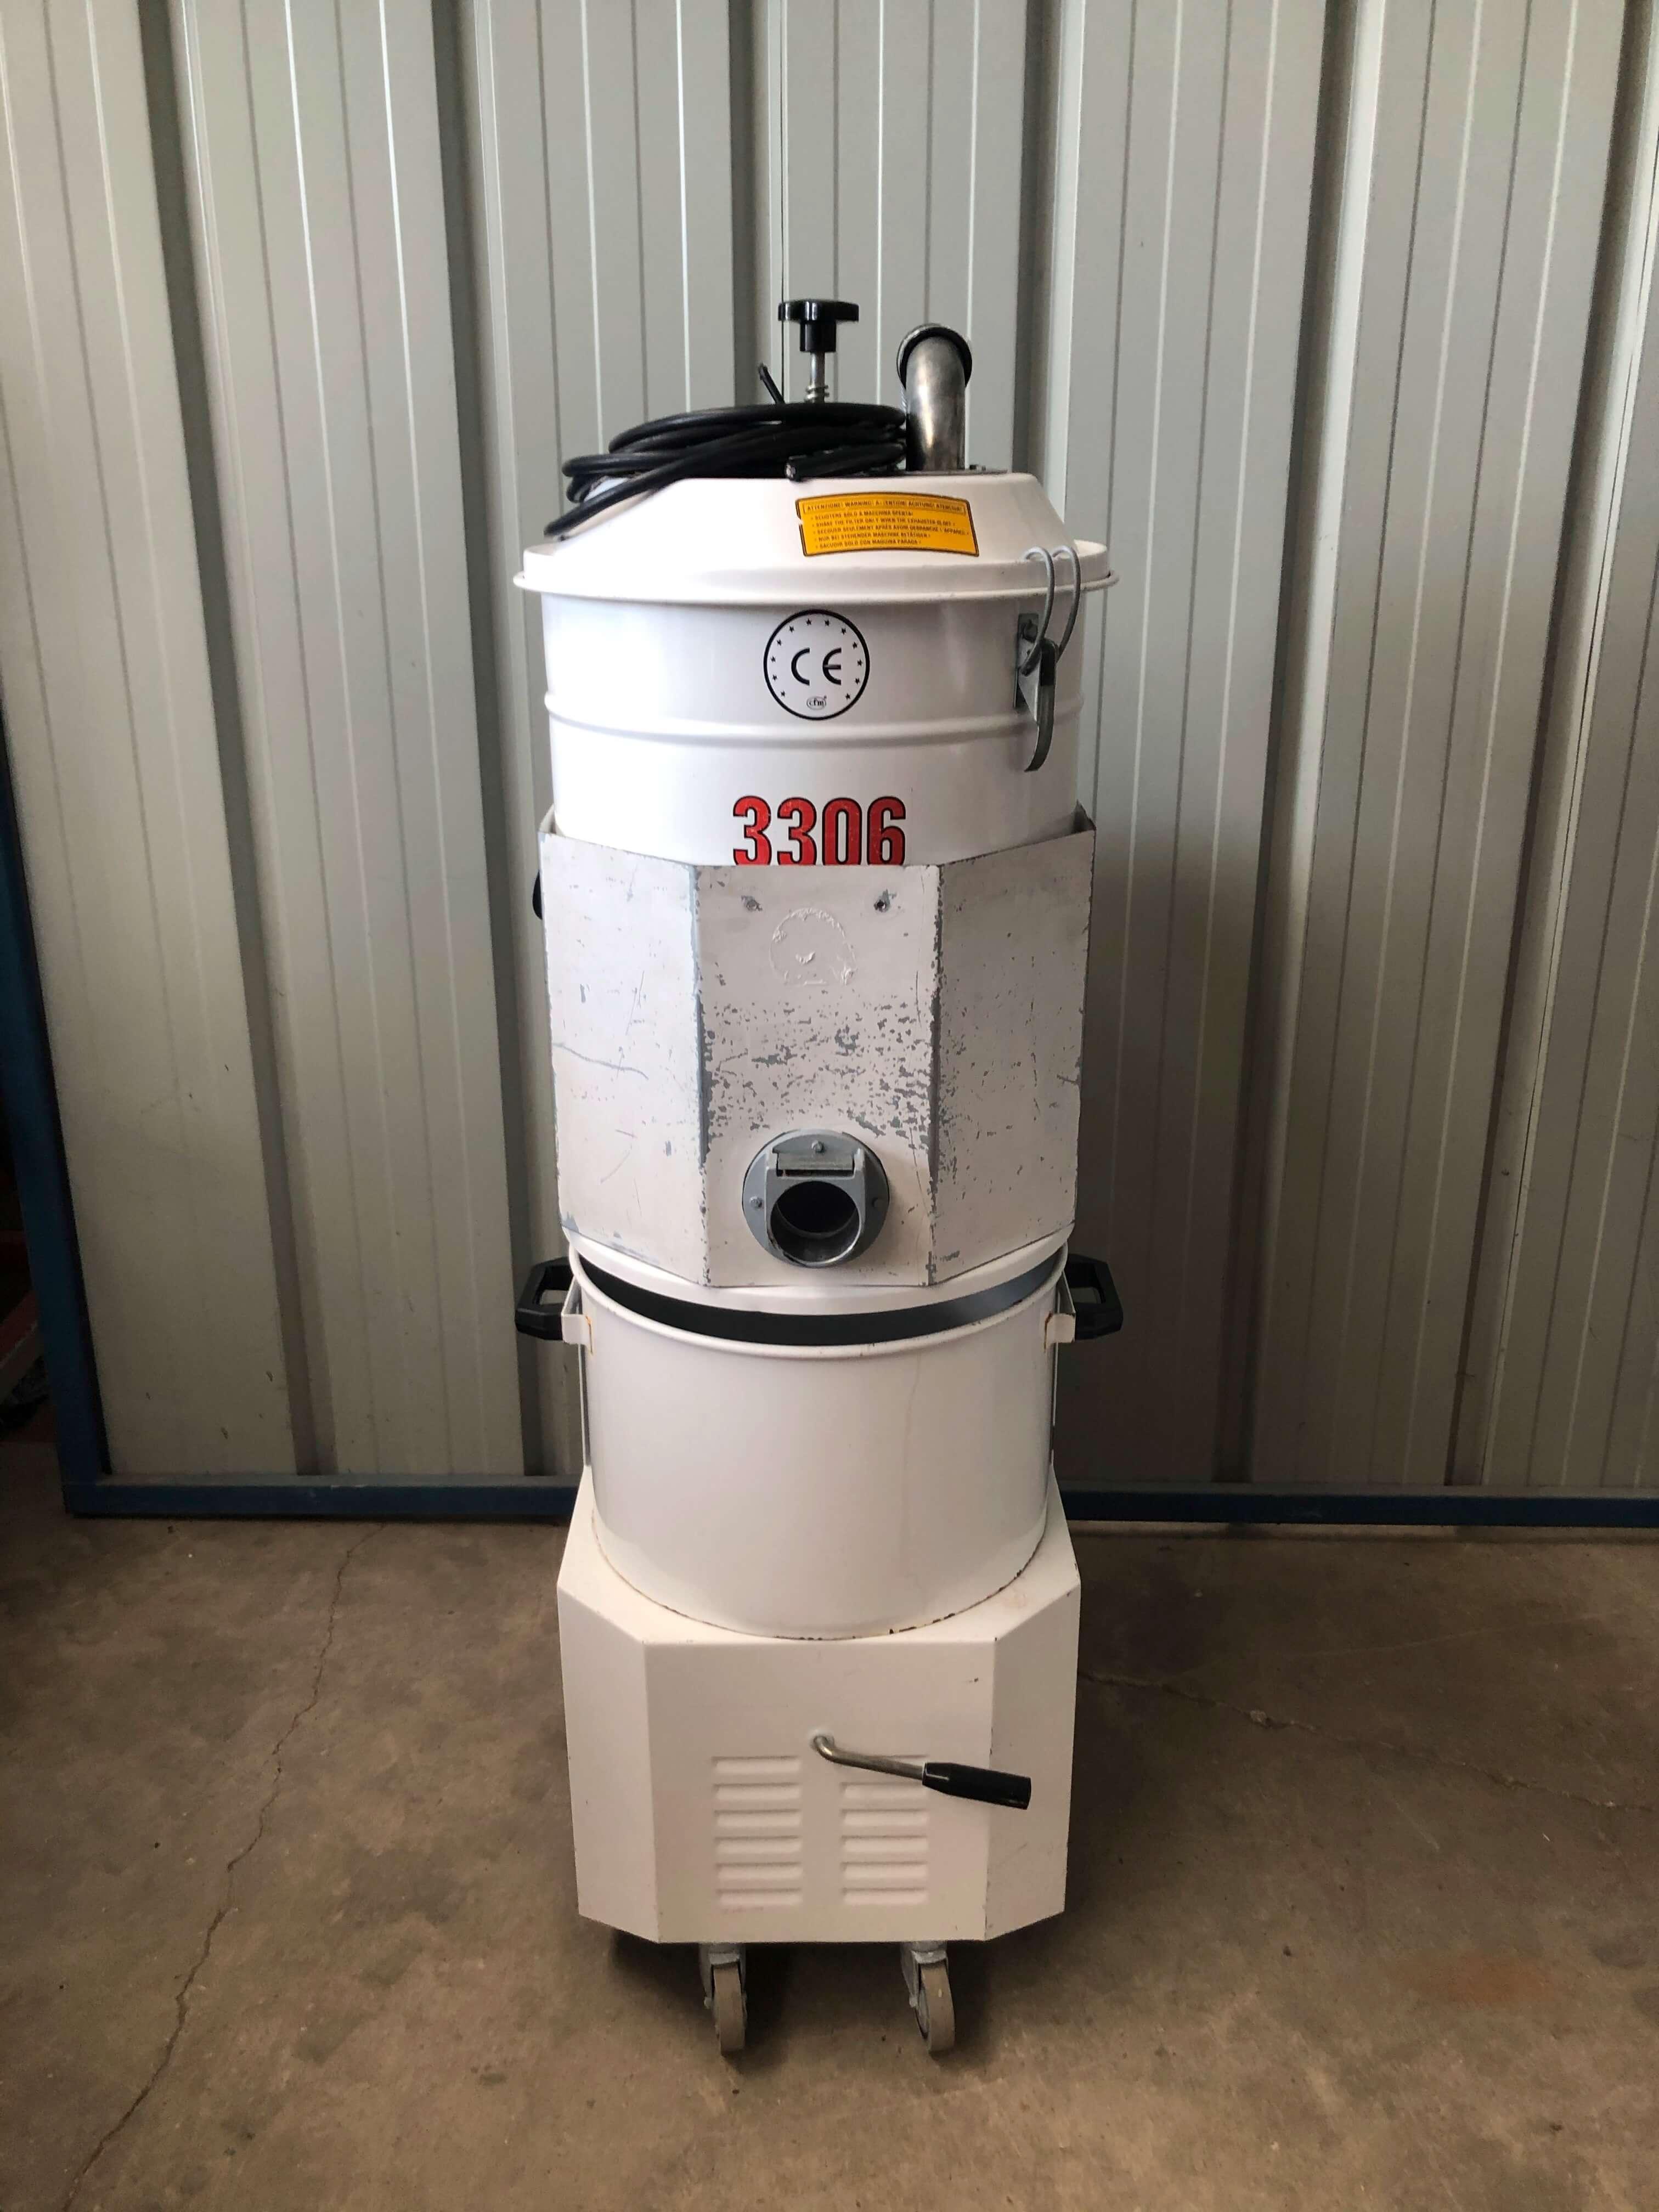 CFM 3306 A - Industrial vacuum cleaner